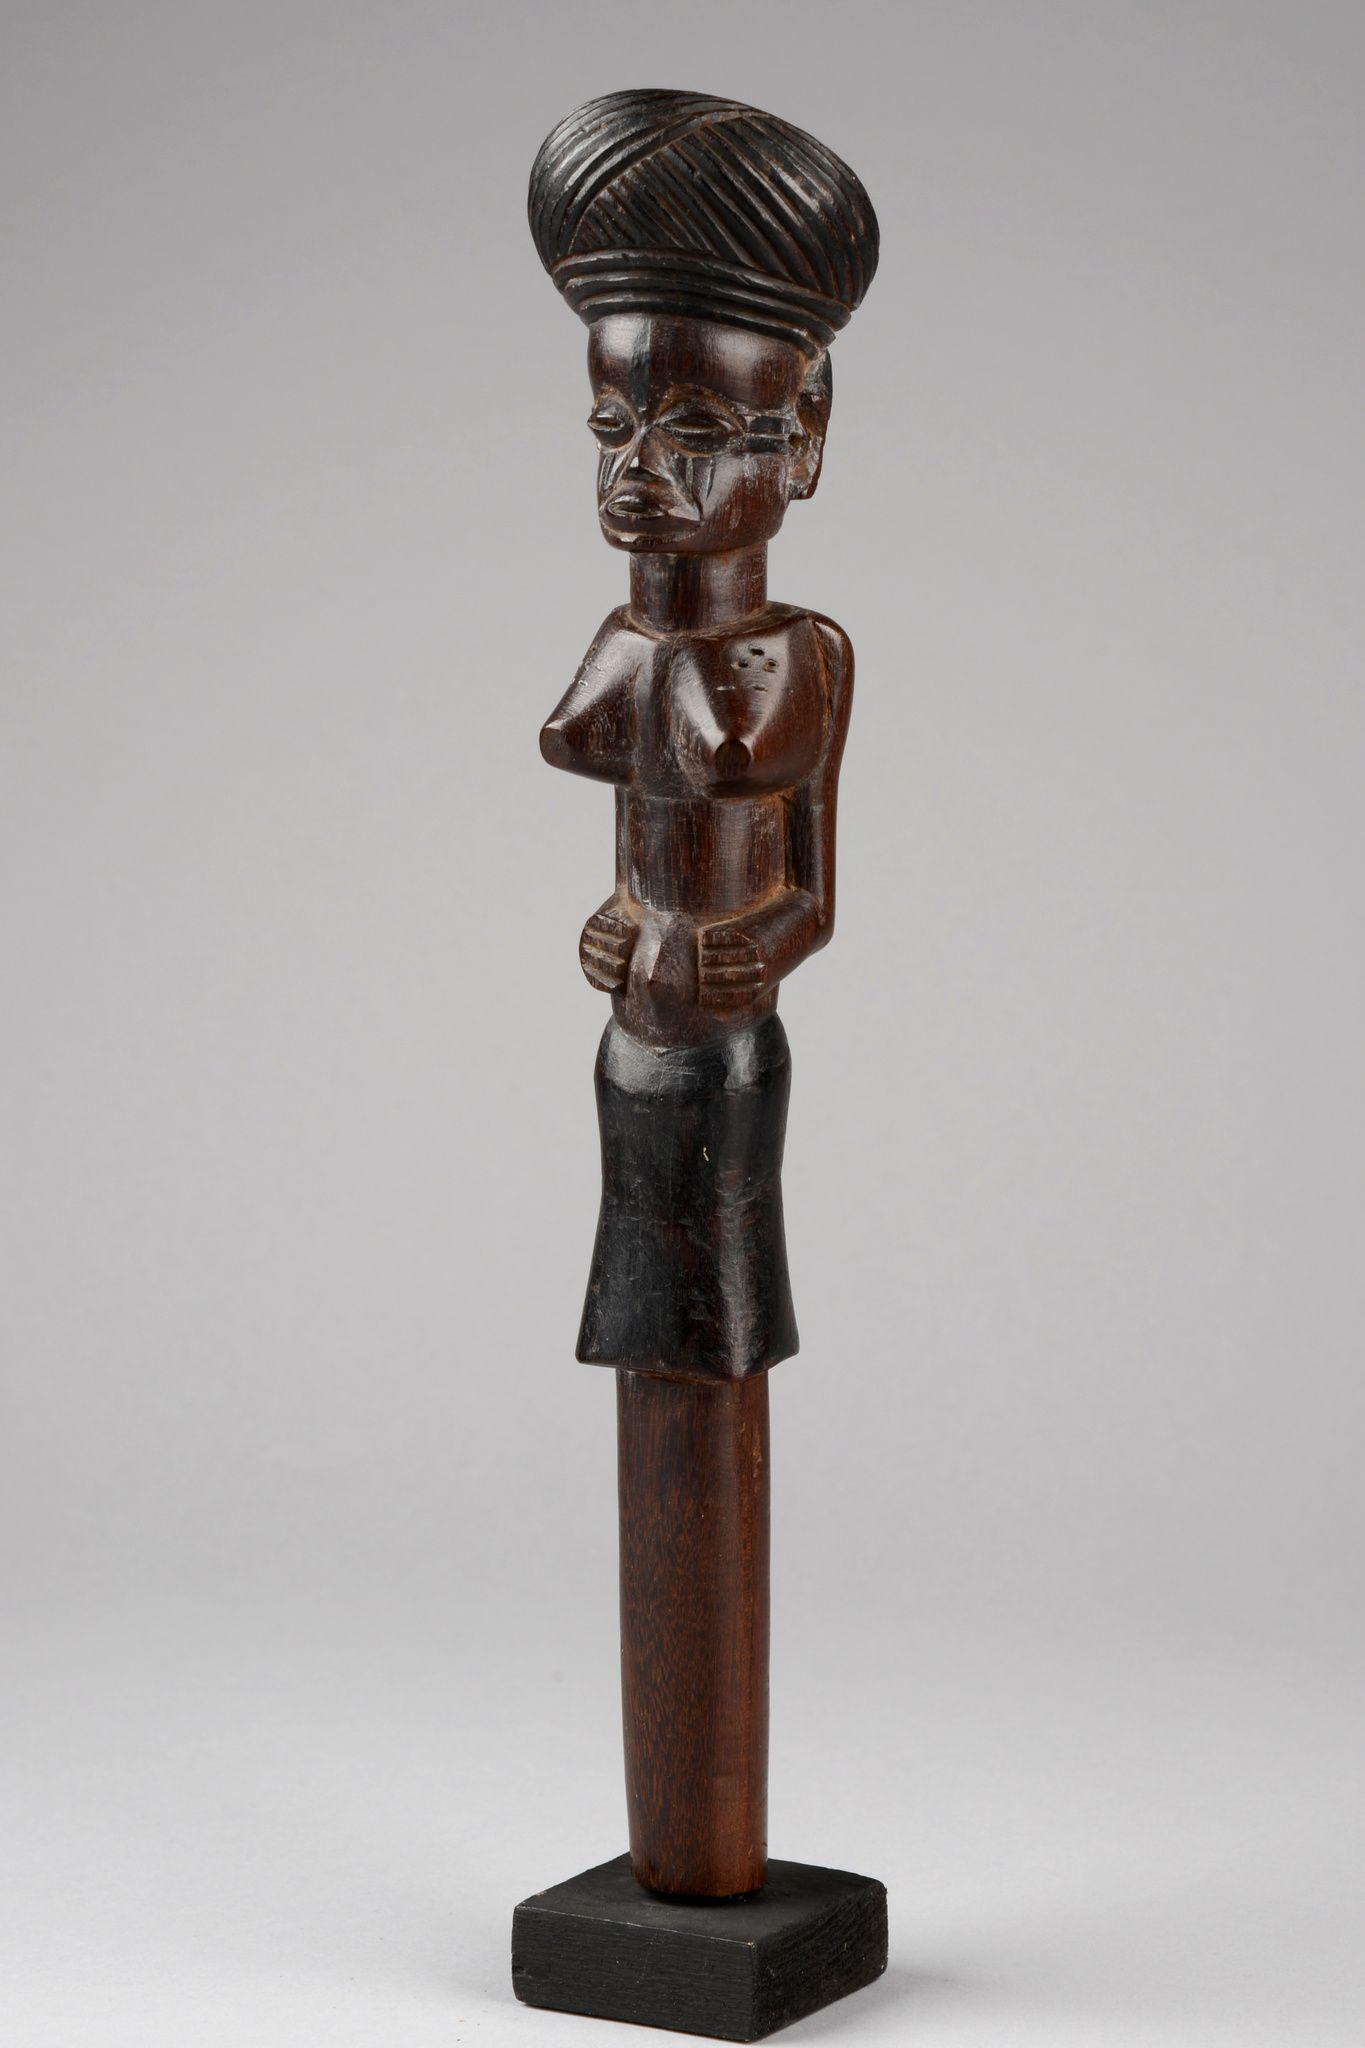 Oberteil eines Würdestabes D. R. Kongo, Chokwe Holz, dunkelbraune Patina, partienweise geschwärzt, bekrönt von weiblicher Figur mit turban-artiger Frisur, min. besch., Sockel